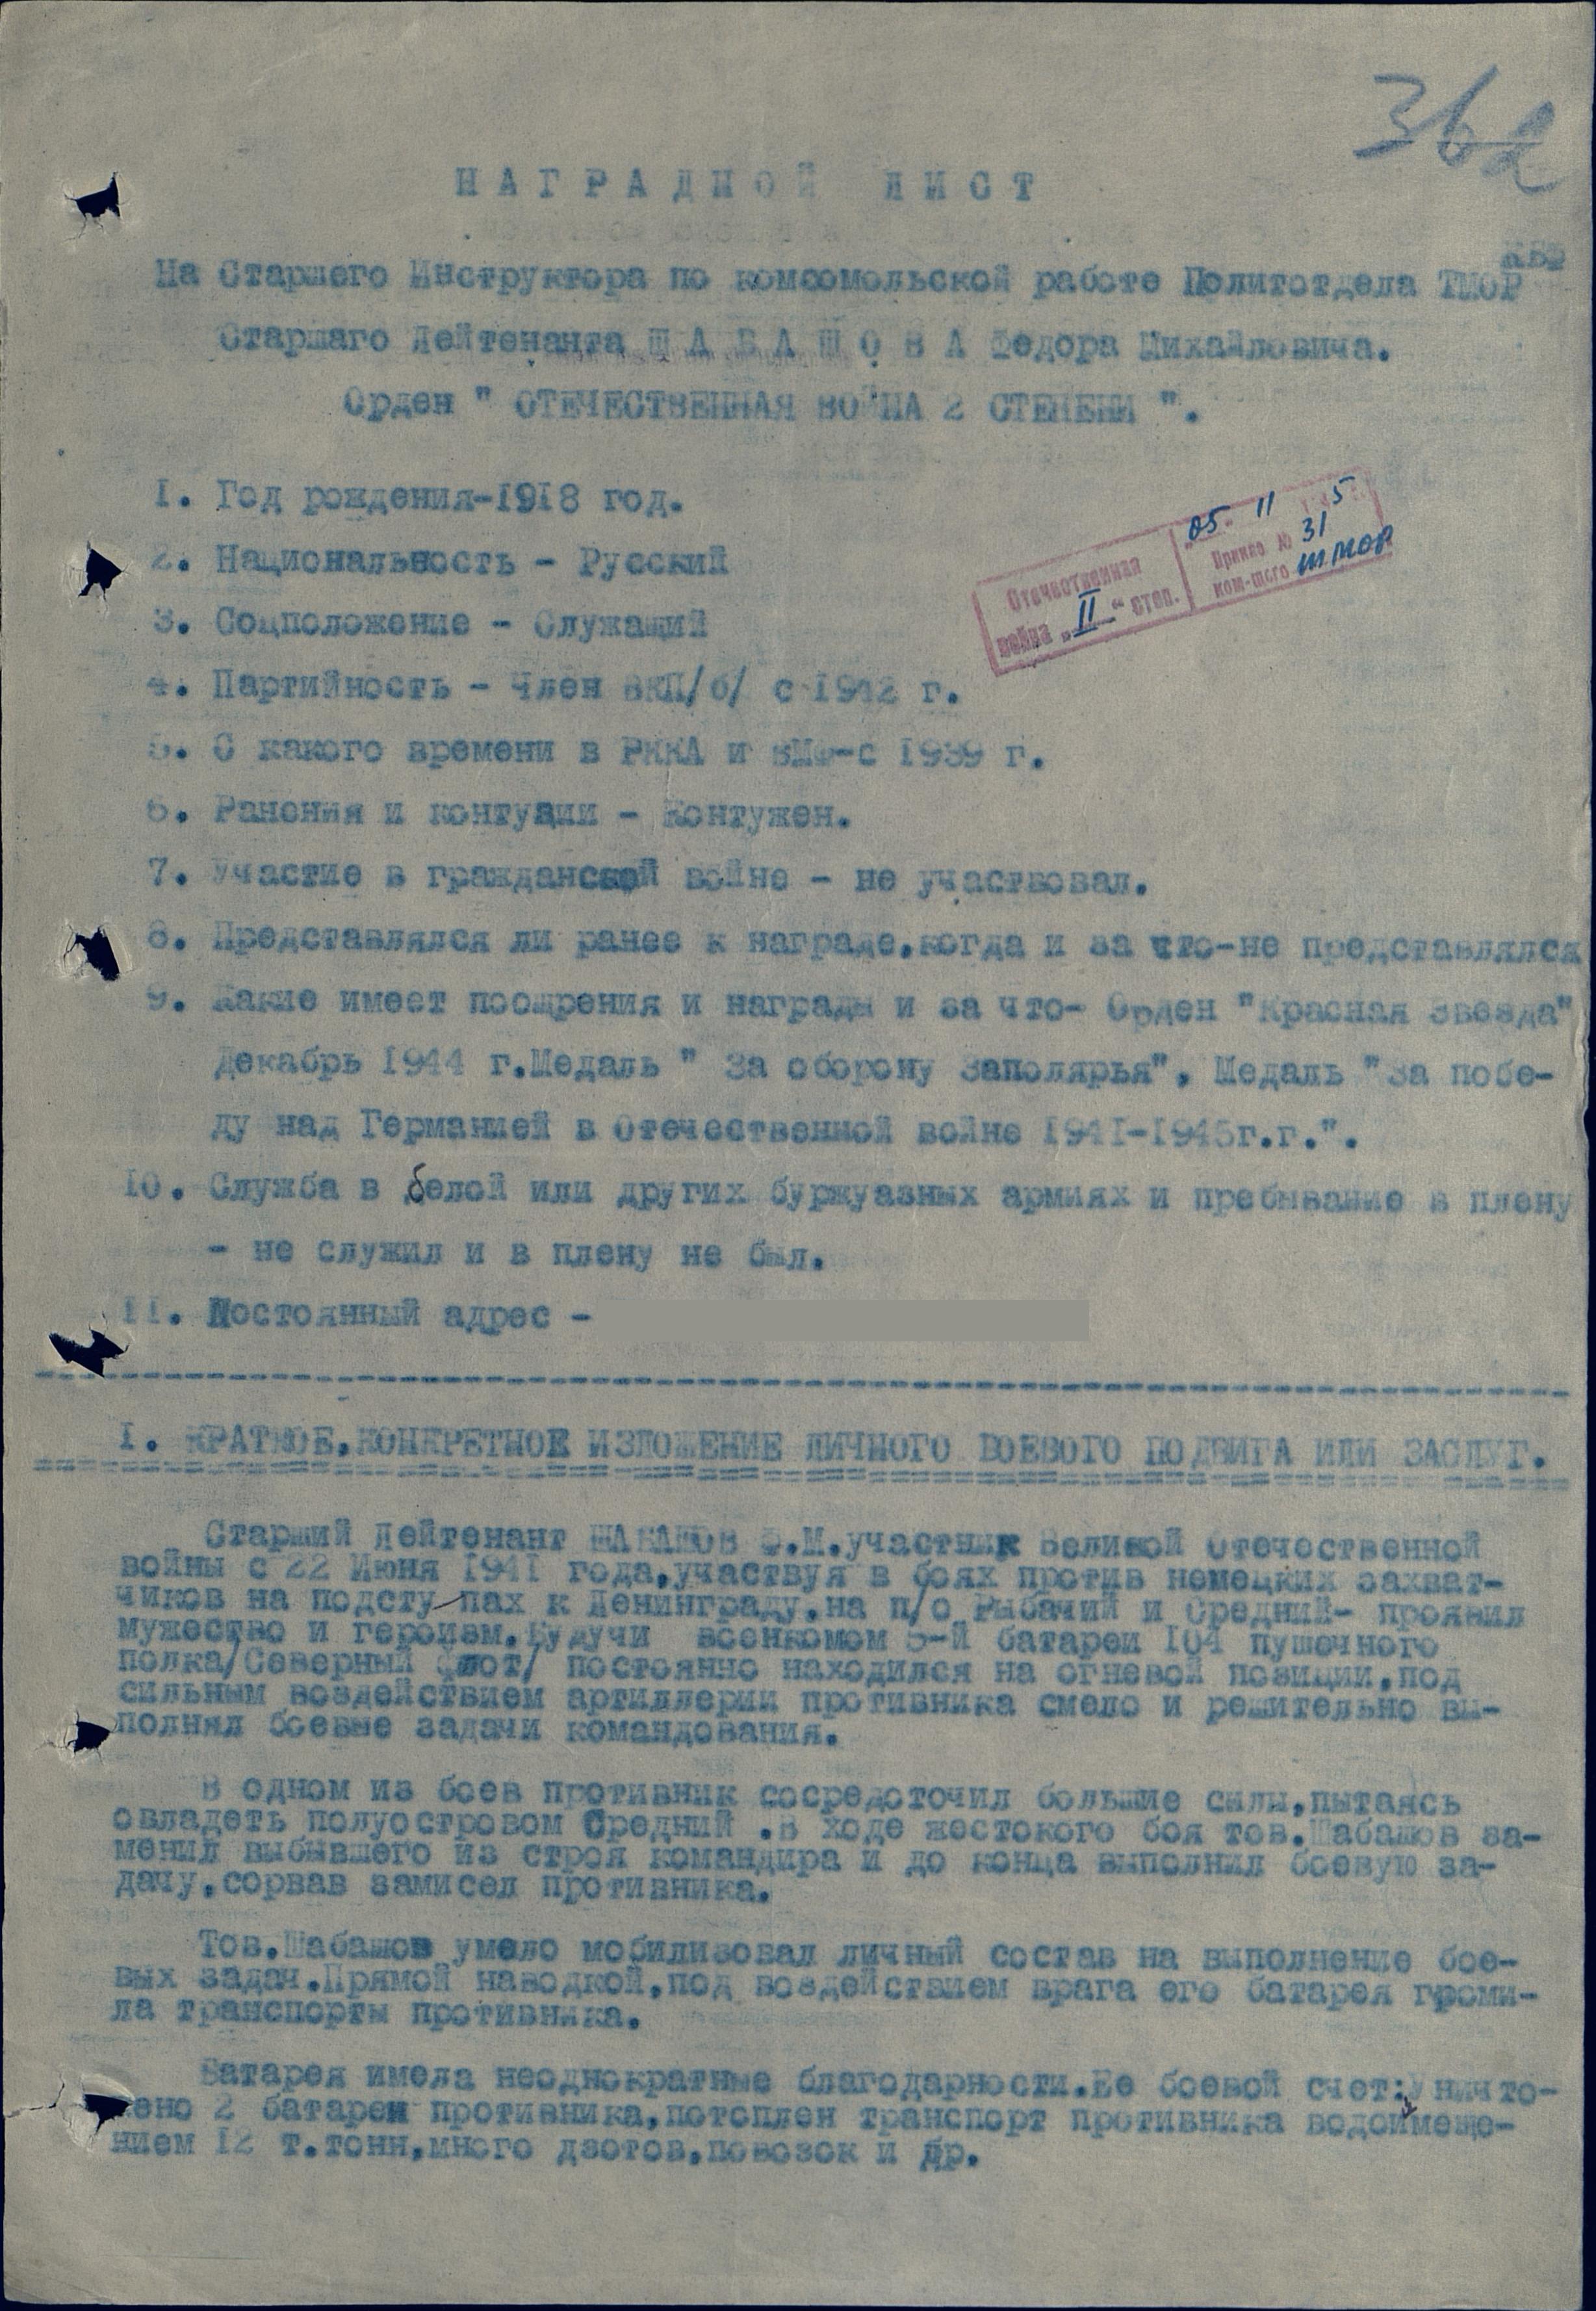 Наградной лист Шабашова Федора Михайловича о представлении к награждению орденом Отечественной войны II степени